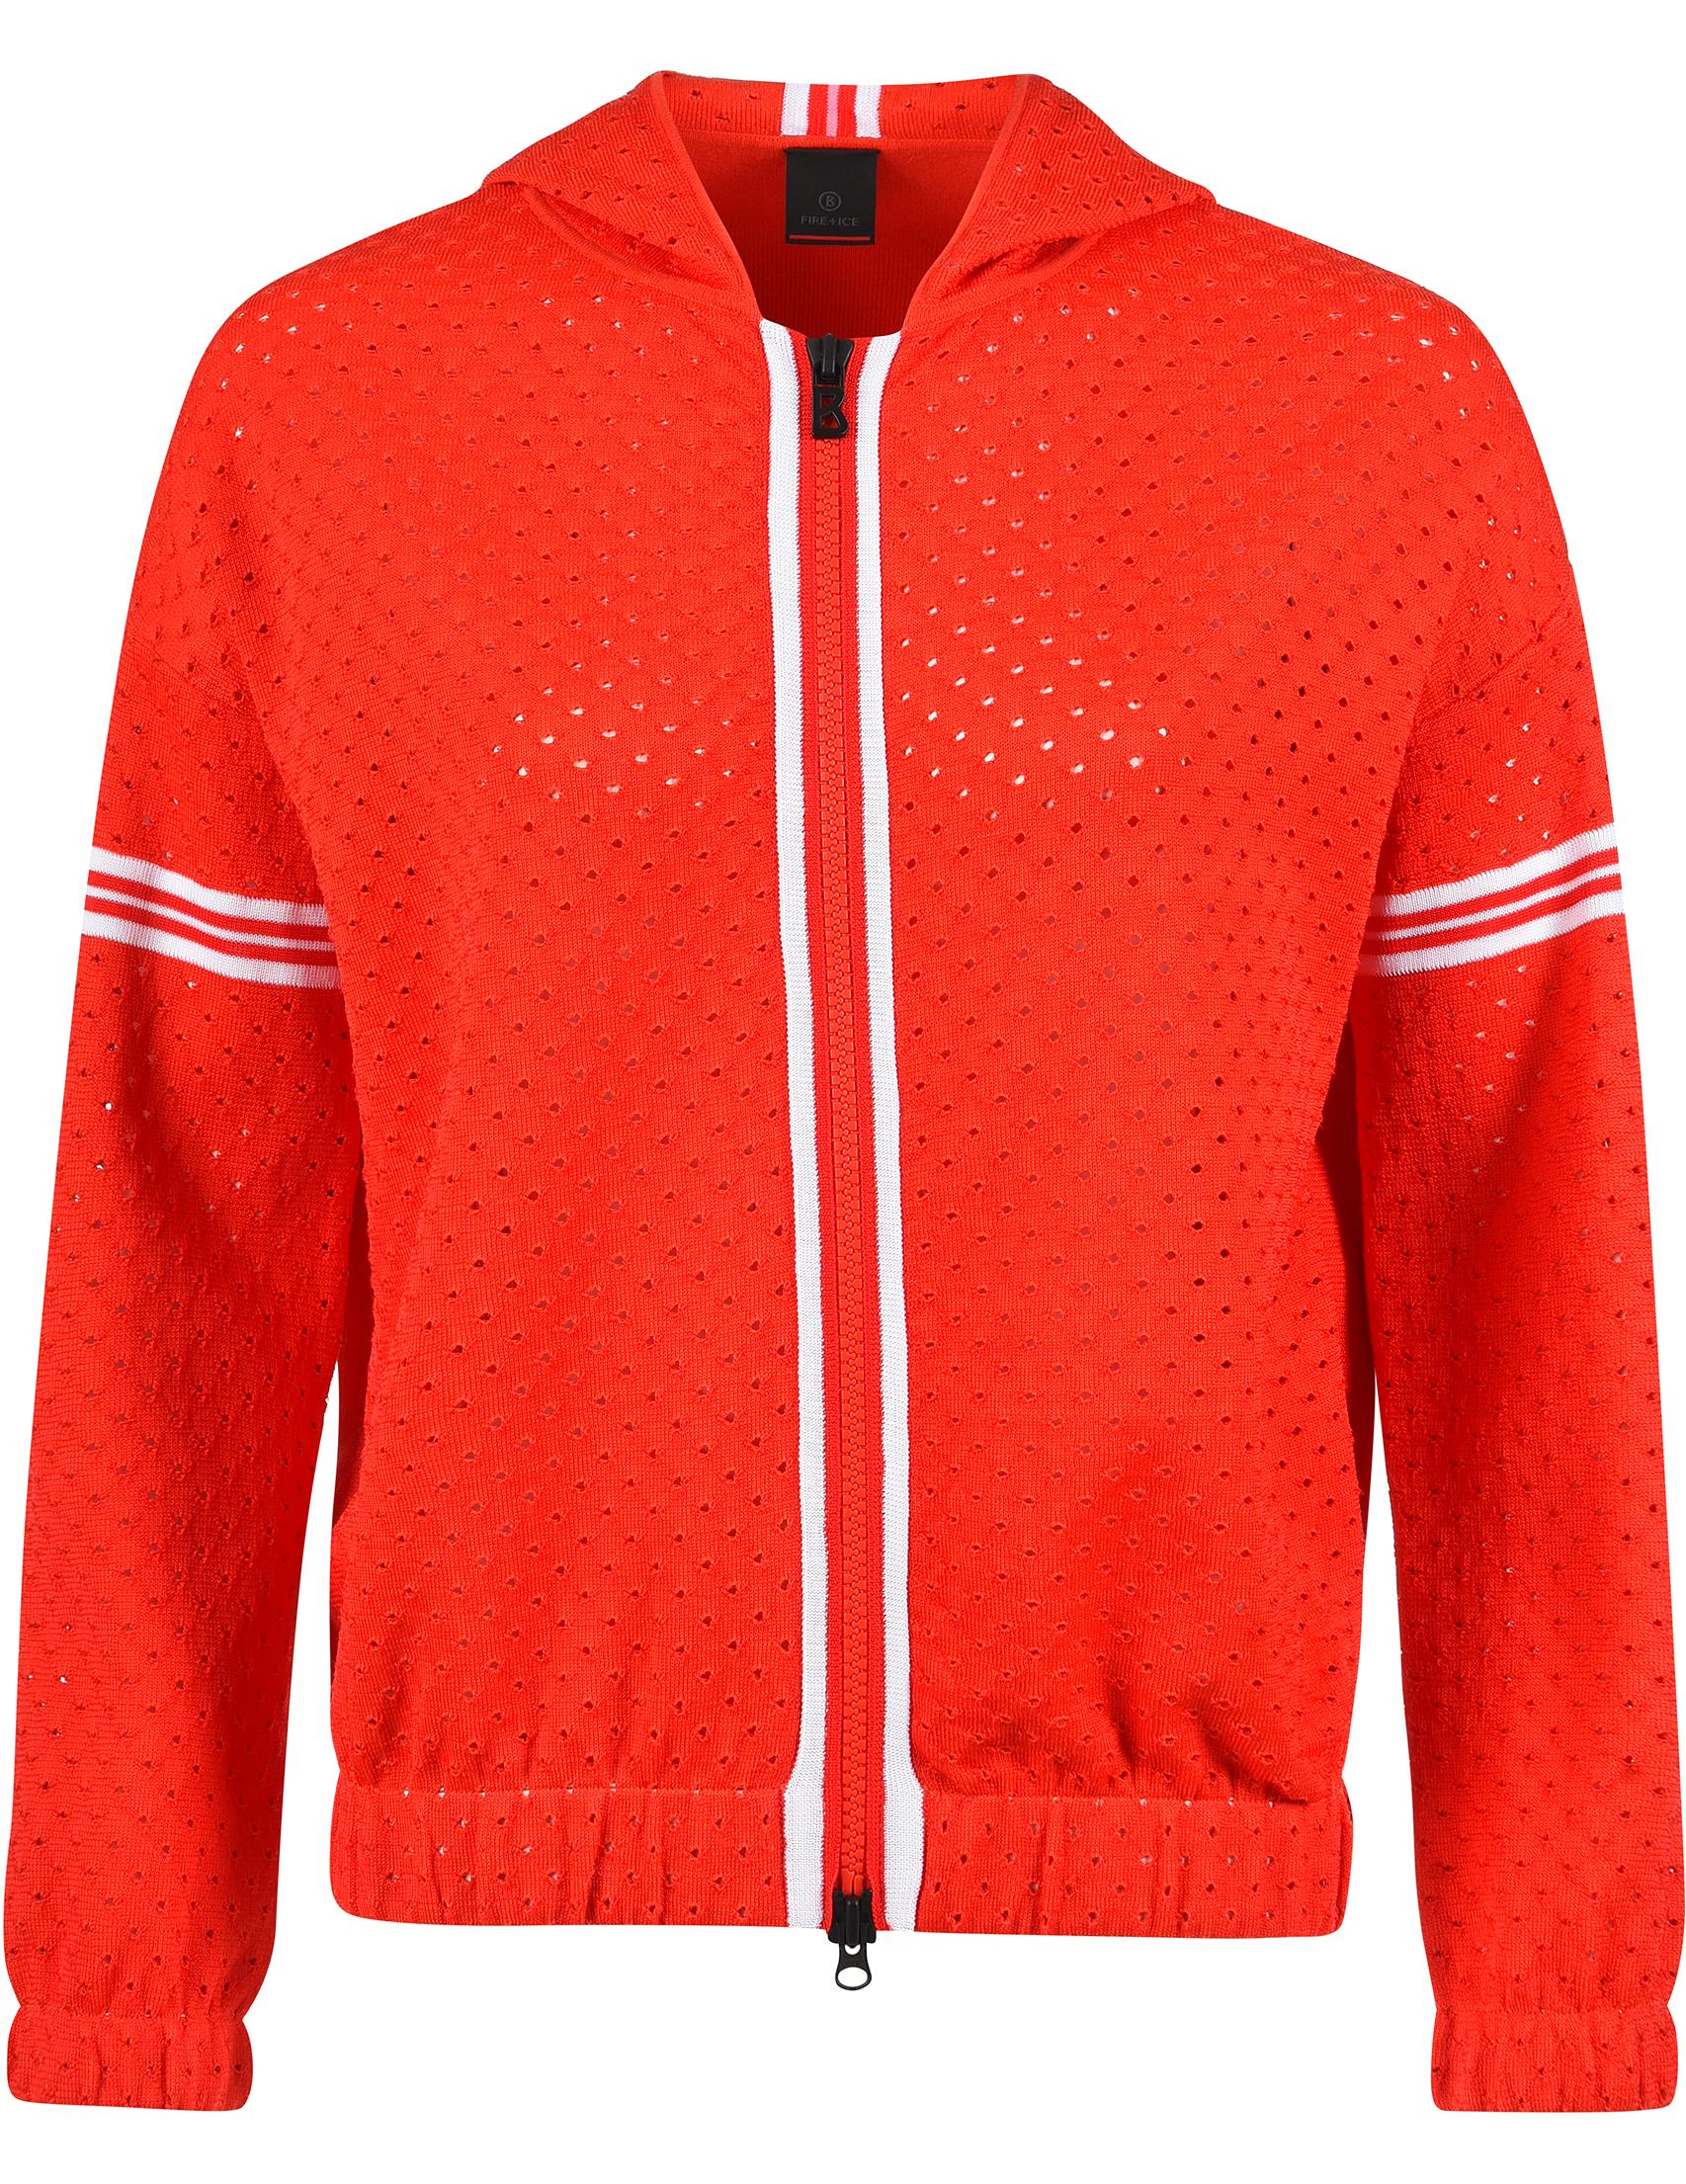 Купить Куртки, Куртка, BOGNER, Красный, 47%Хлопок 31%Полиамид 22%Полиэстер, Весна-Лето